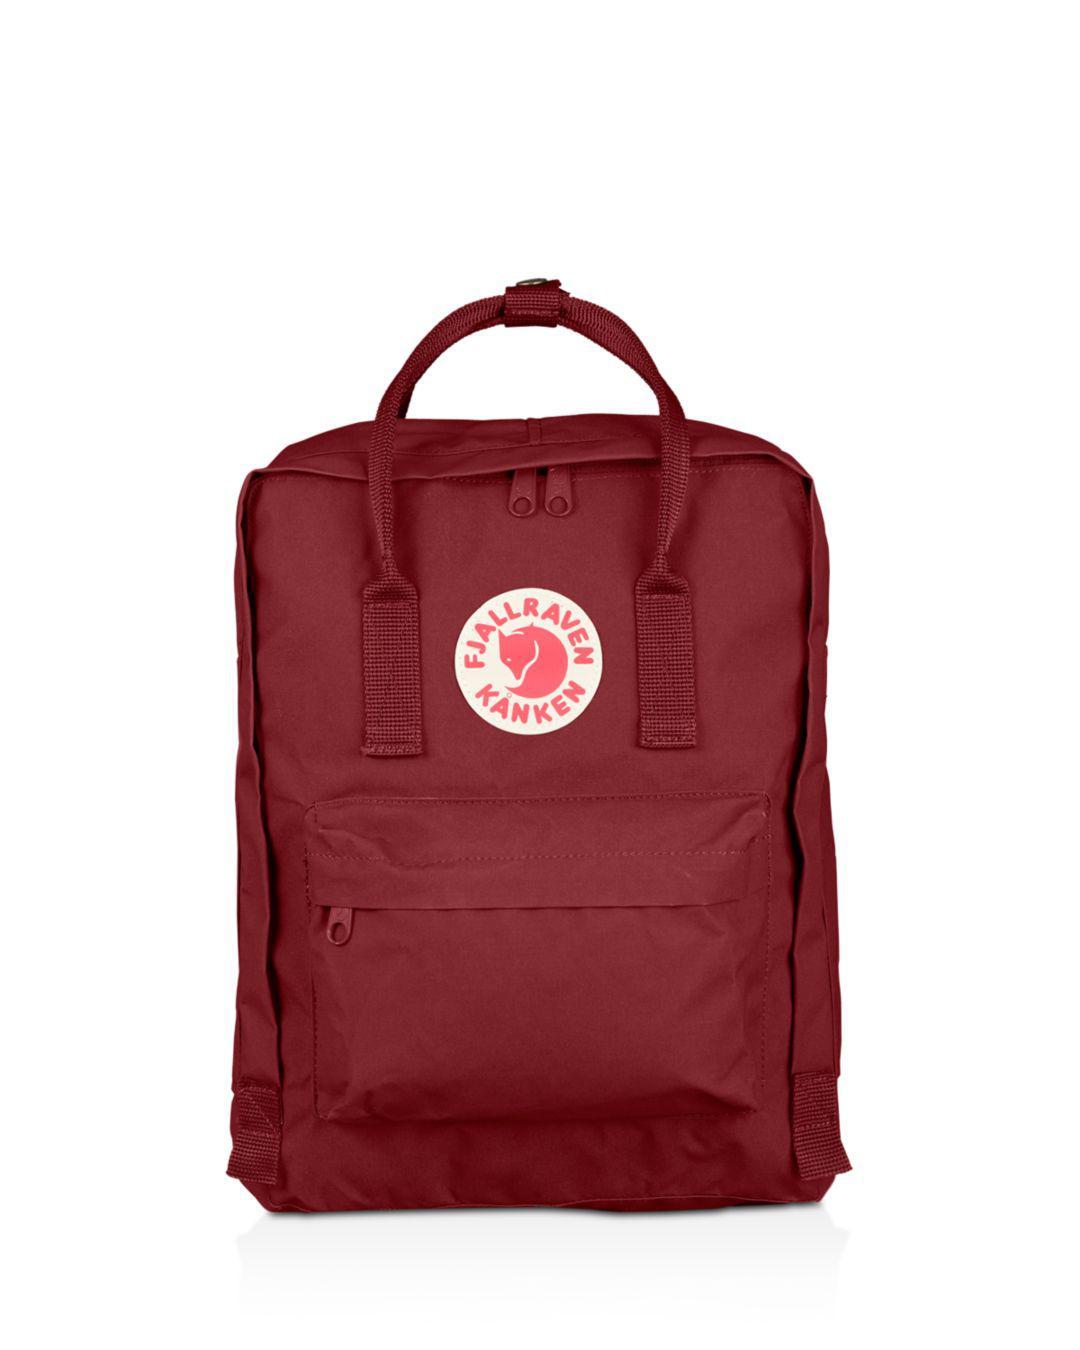 2c4c0f154 Fjallraven Kanken Backpack in Red - Save 37% - Lyst